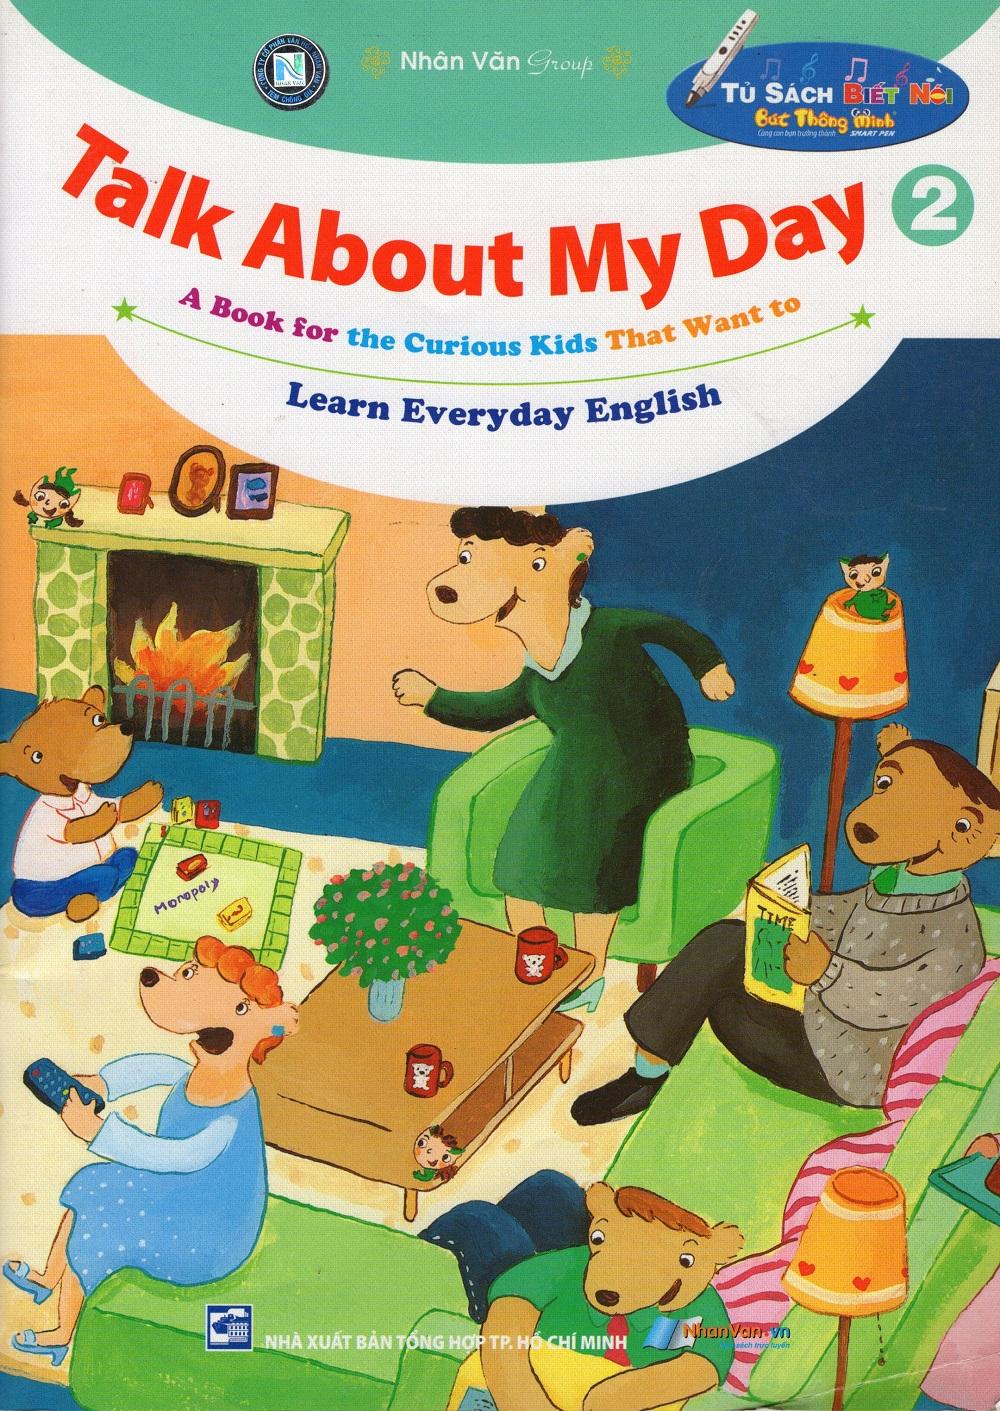 Bìa sách Talk About My Day (Tập 2)